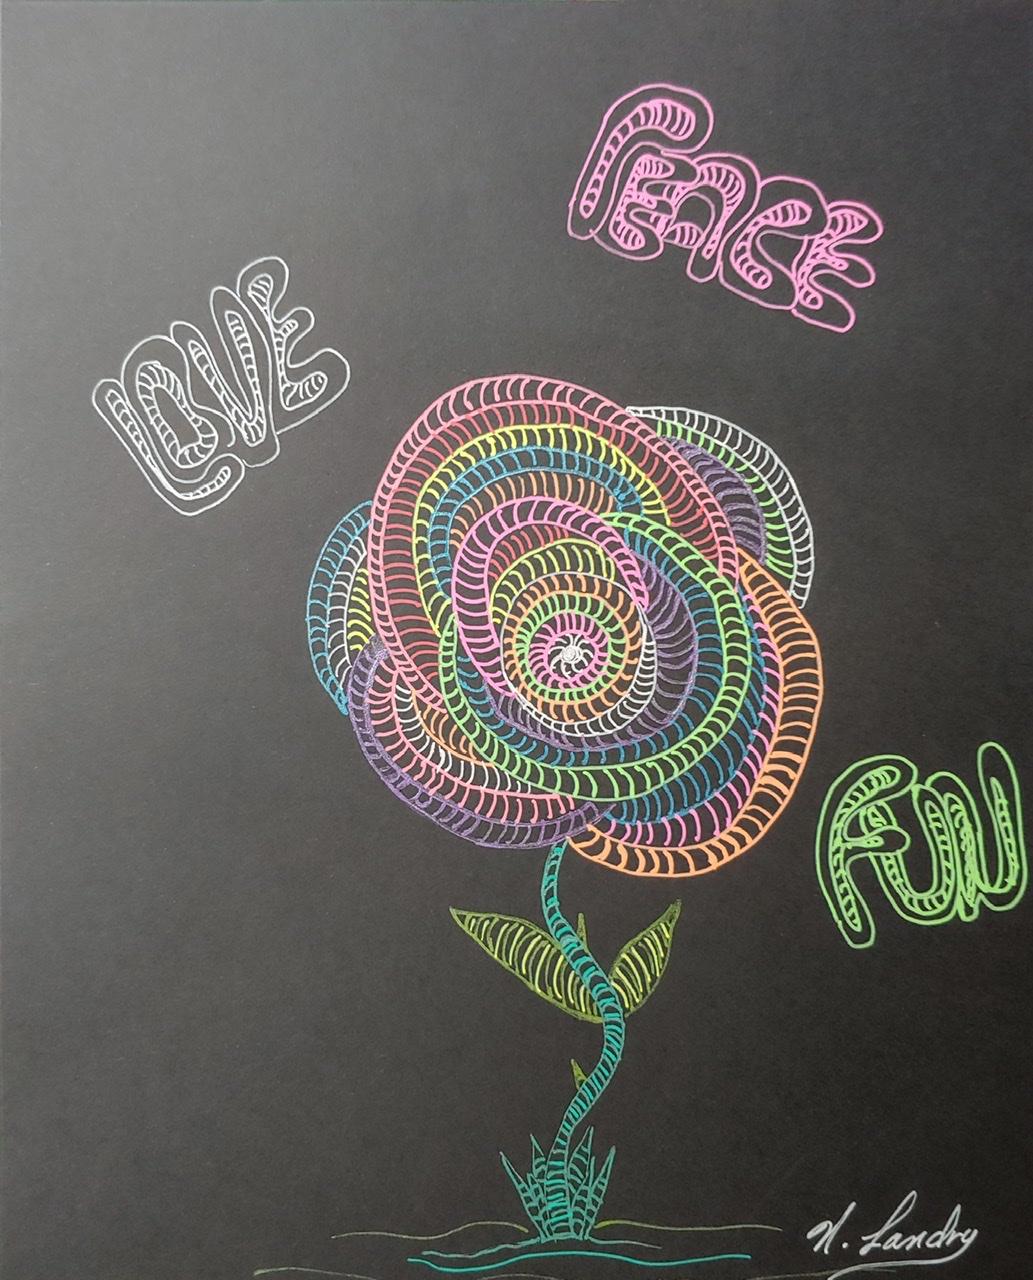 """<span style=""""color: #ff0000;""""><a style=""""color: #ff0000;"""" href=""""mailto:nathalielandry7@gmail.com?subject=Défi 15 dessins 15 semaines - Fleur de joie""""> Contacter l'artiste</a></span> Nathalie Landry - Fleur de joie - 35$  (transaction directement avec l'artiste) - stylo encre-gel sur papier noir Strathmore, 10 x 8 po, encadré"""